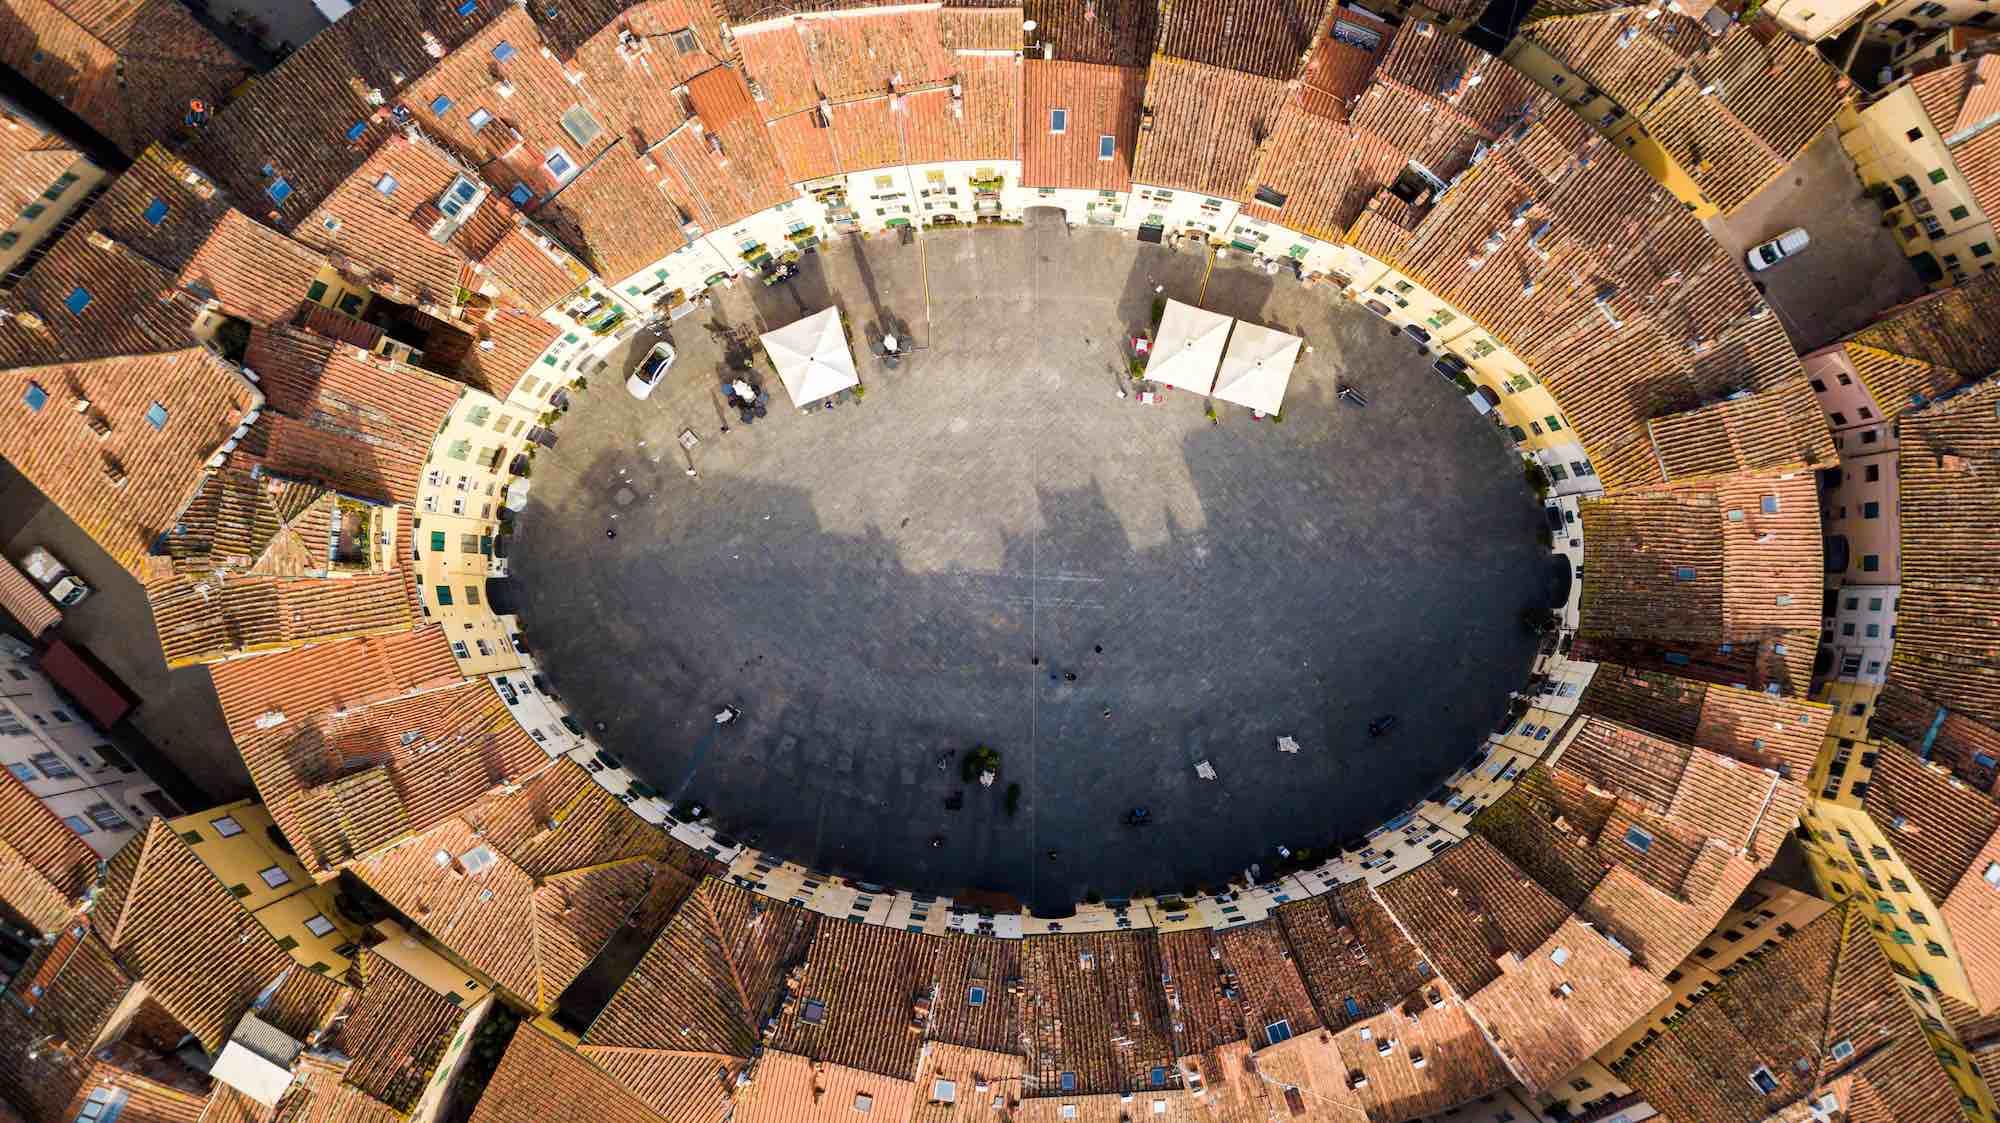 Piazza Anfiteatro a Lucca sorge su un antico anfiteatro romano ed è oggi una delle più belle piazze della Toscana.